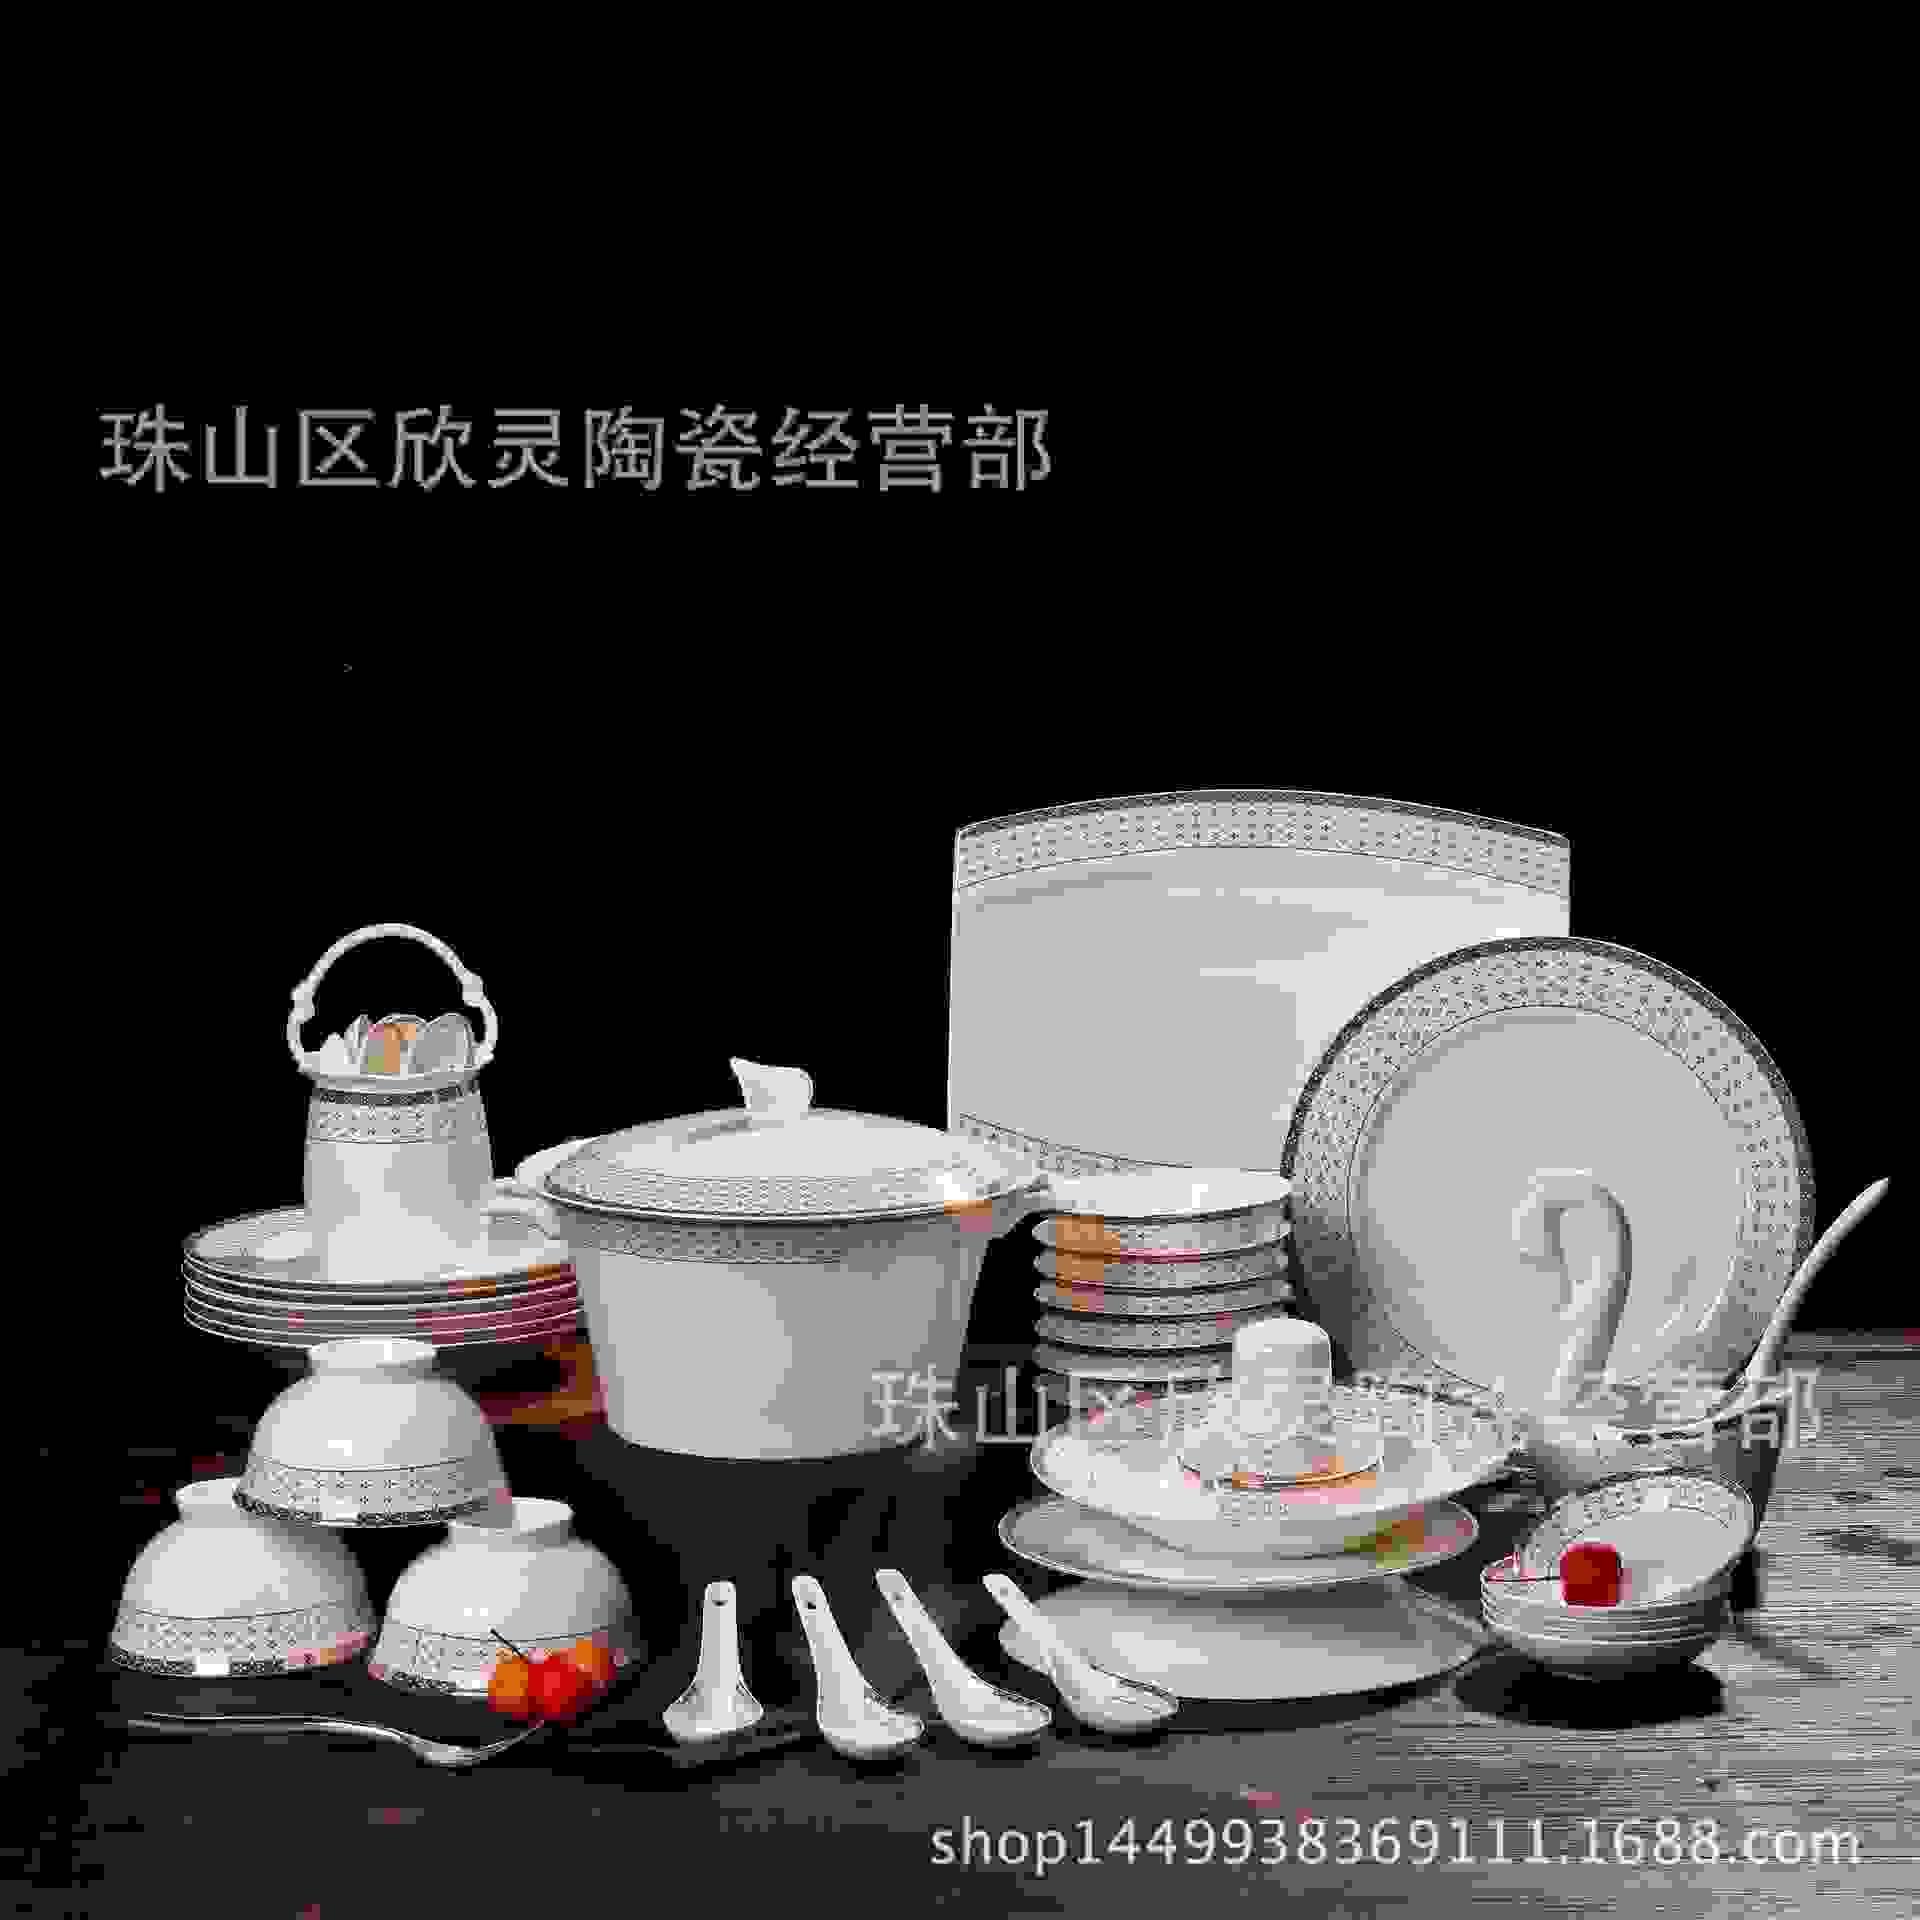 高档景德镇骨瓷餐具套装欧式西餐陶瓷器金边碗盘碟58头结婚送礼品2